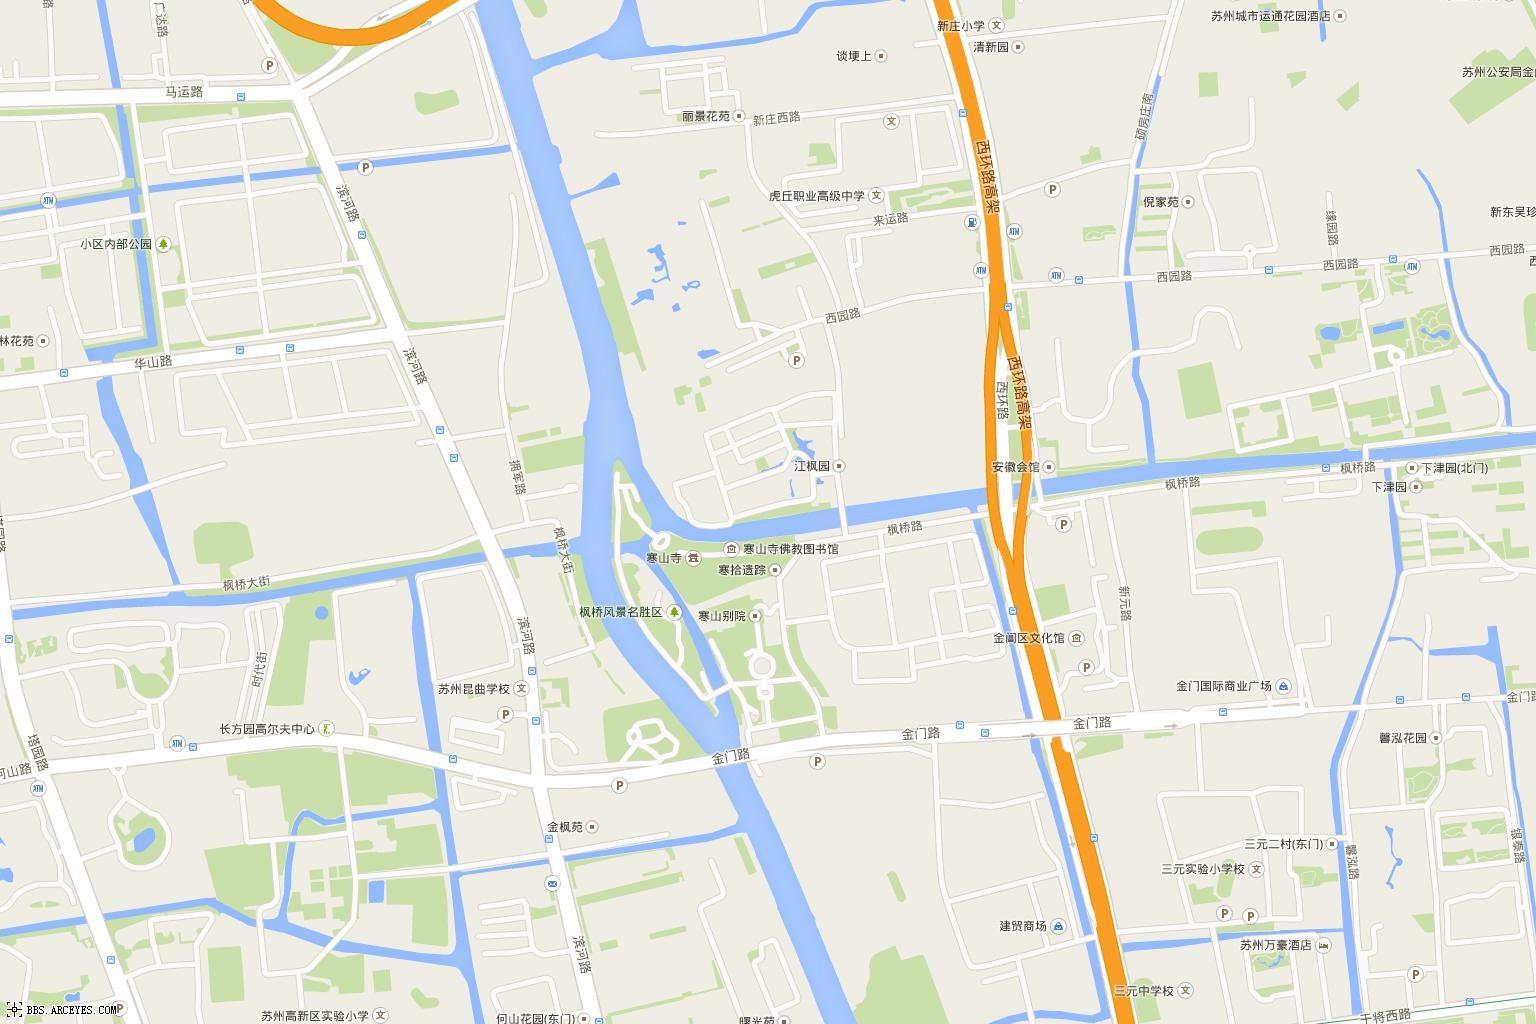 苏州电子地图_谷歌地图